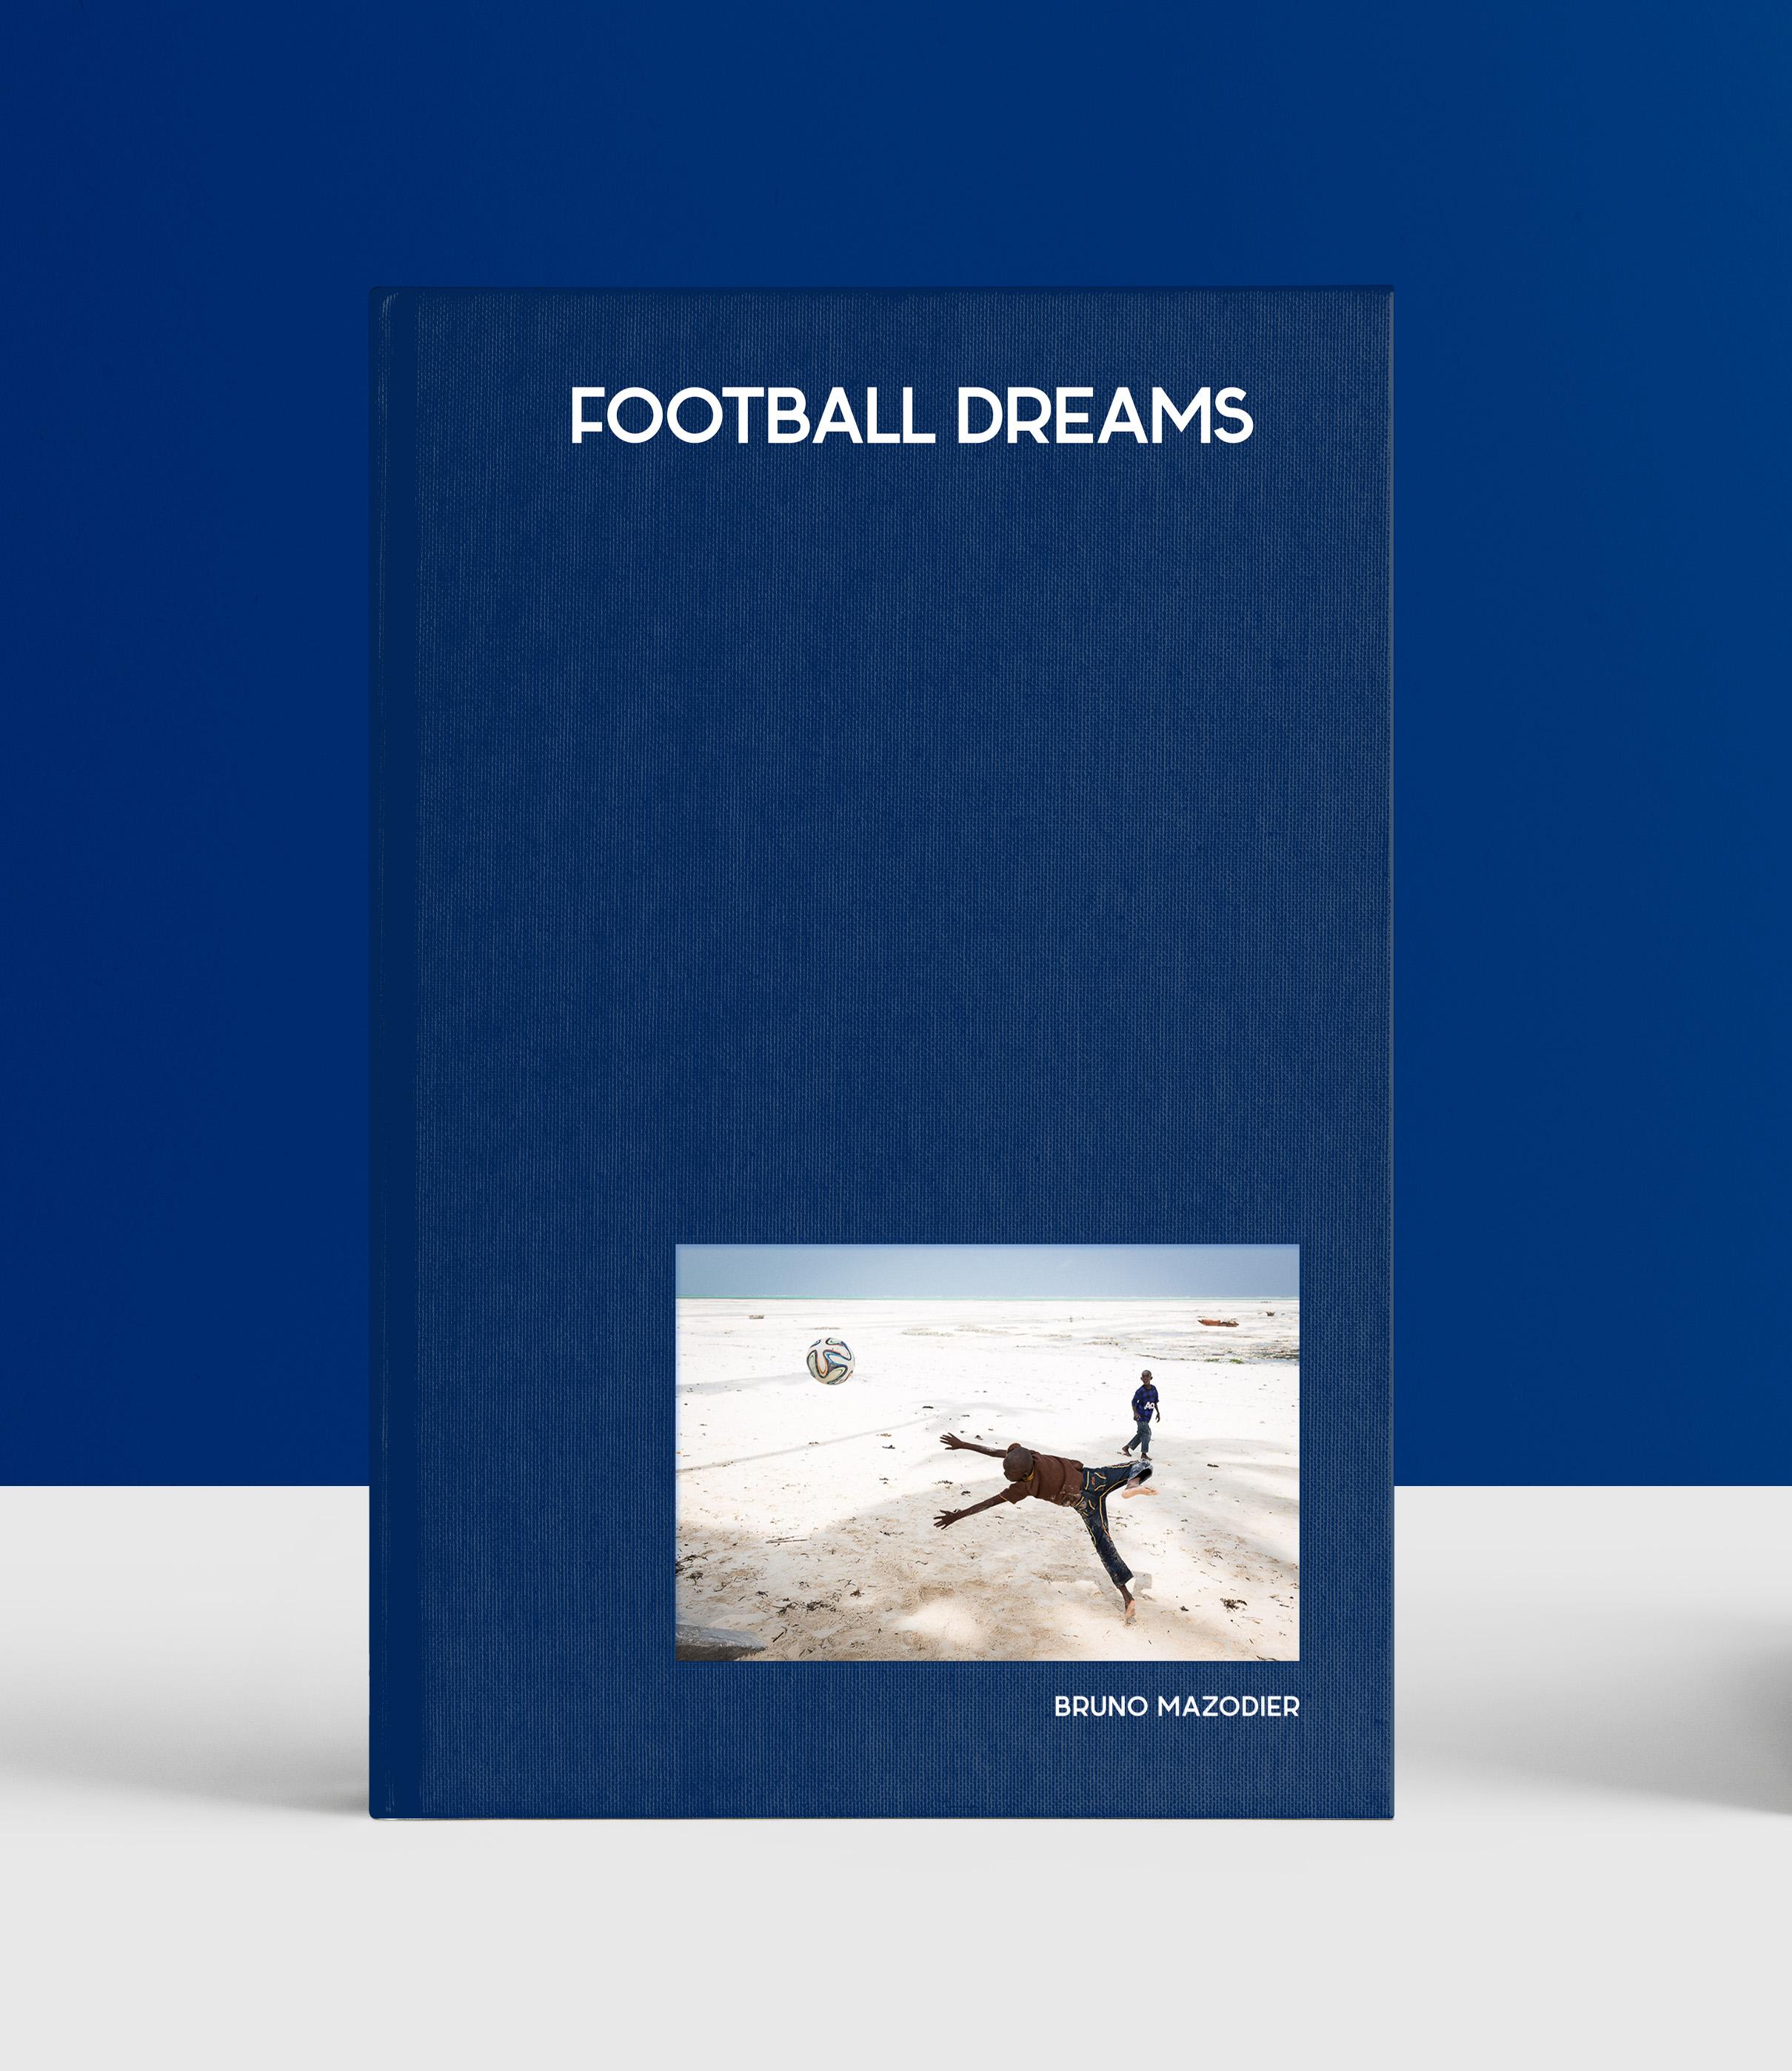 FOOTBALL_DREAMS_visuel_couverture-1527173787.jpg